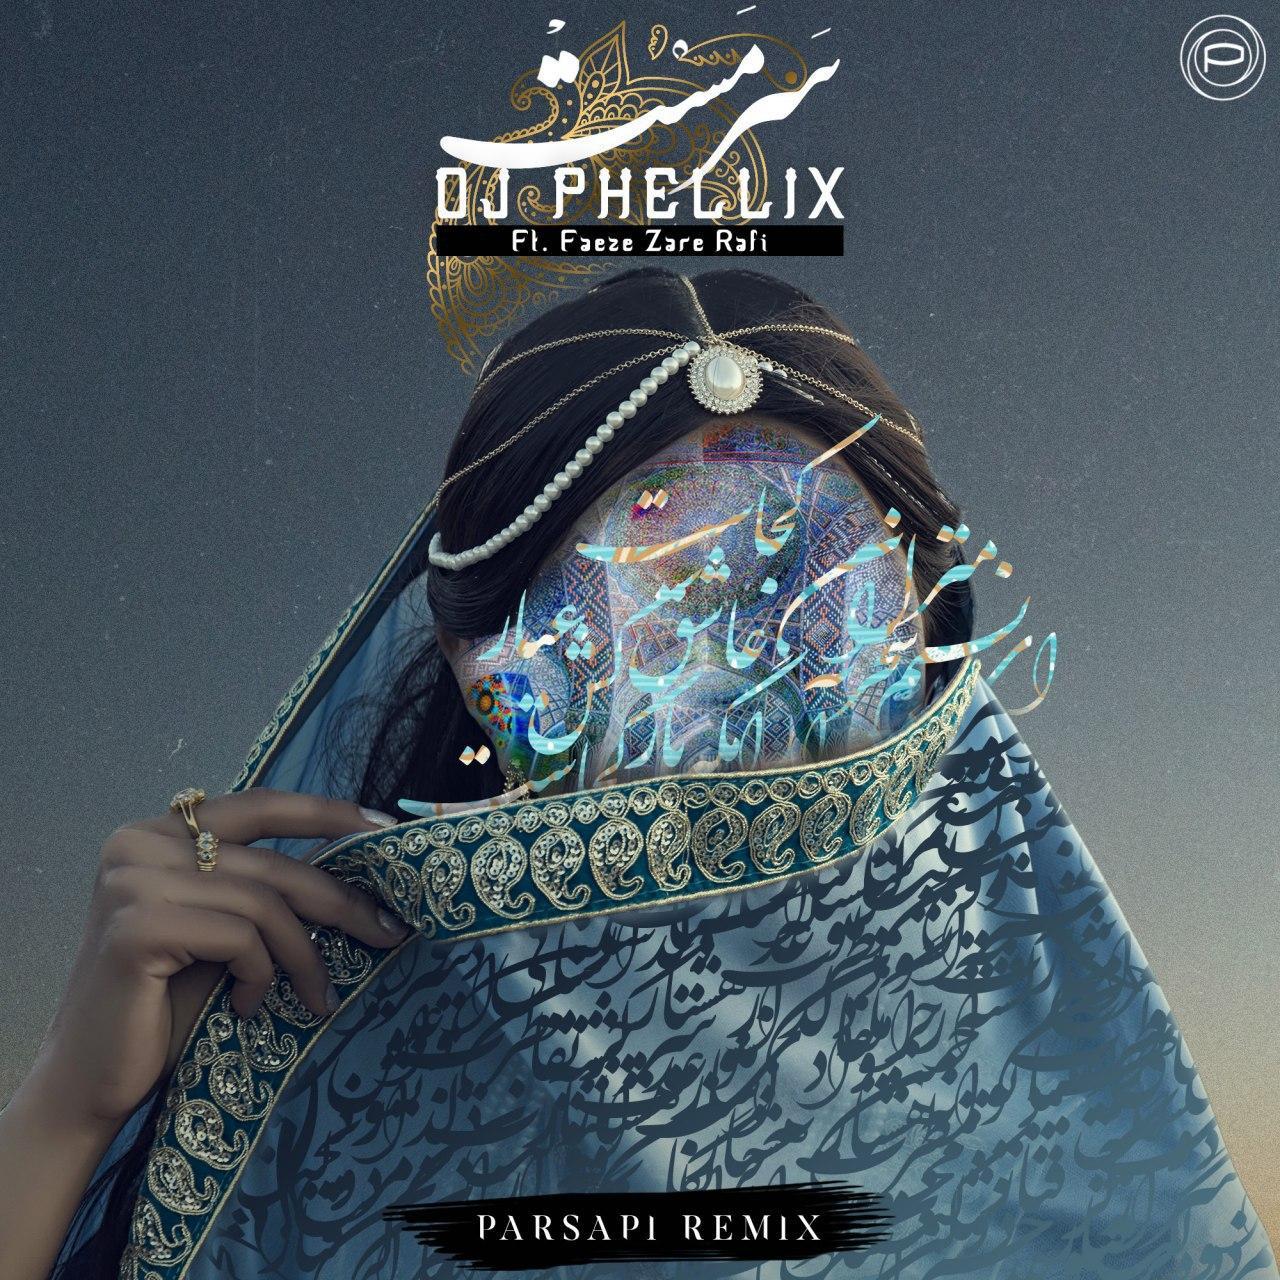 DJ Phellix – Sarmast (PARSAPi Remix)